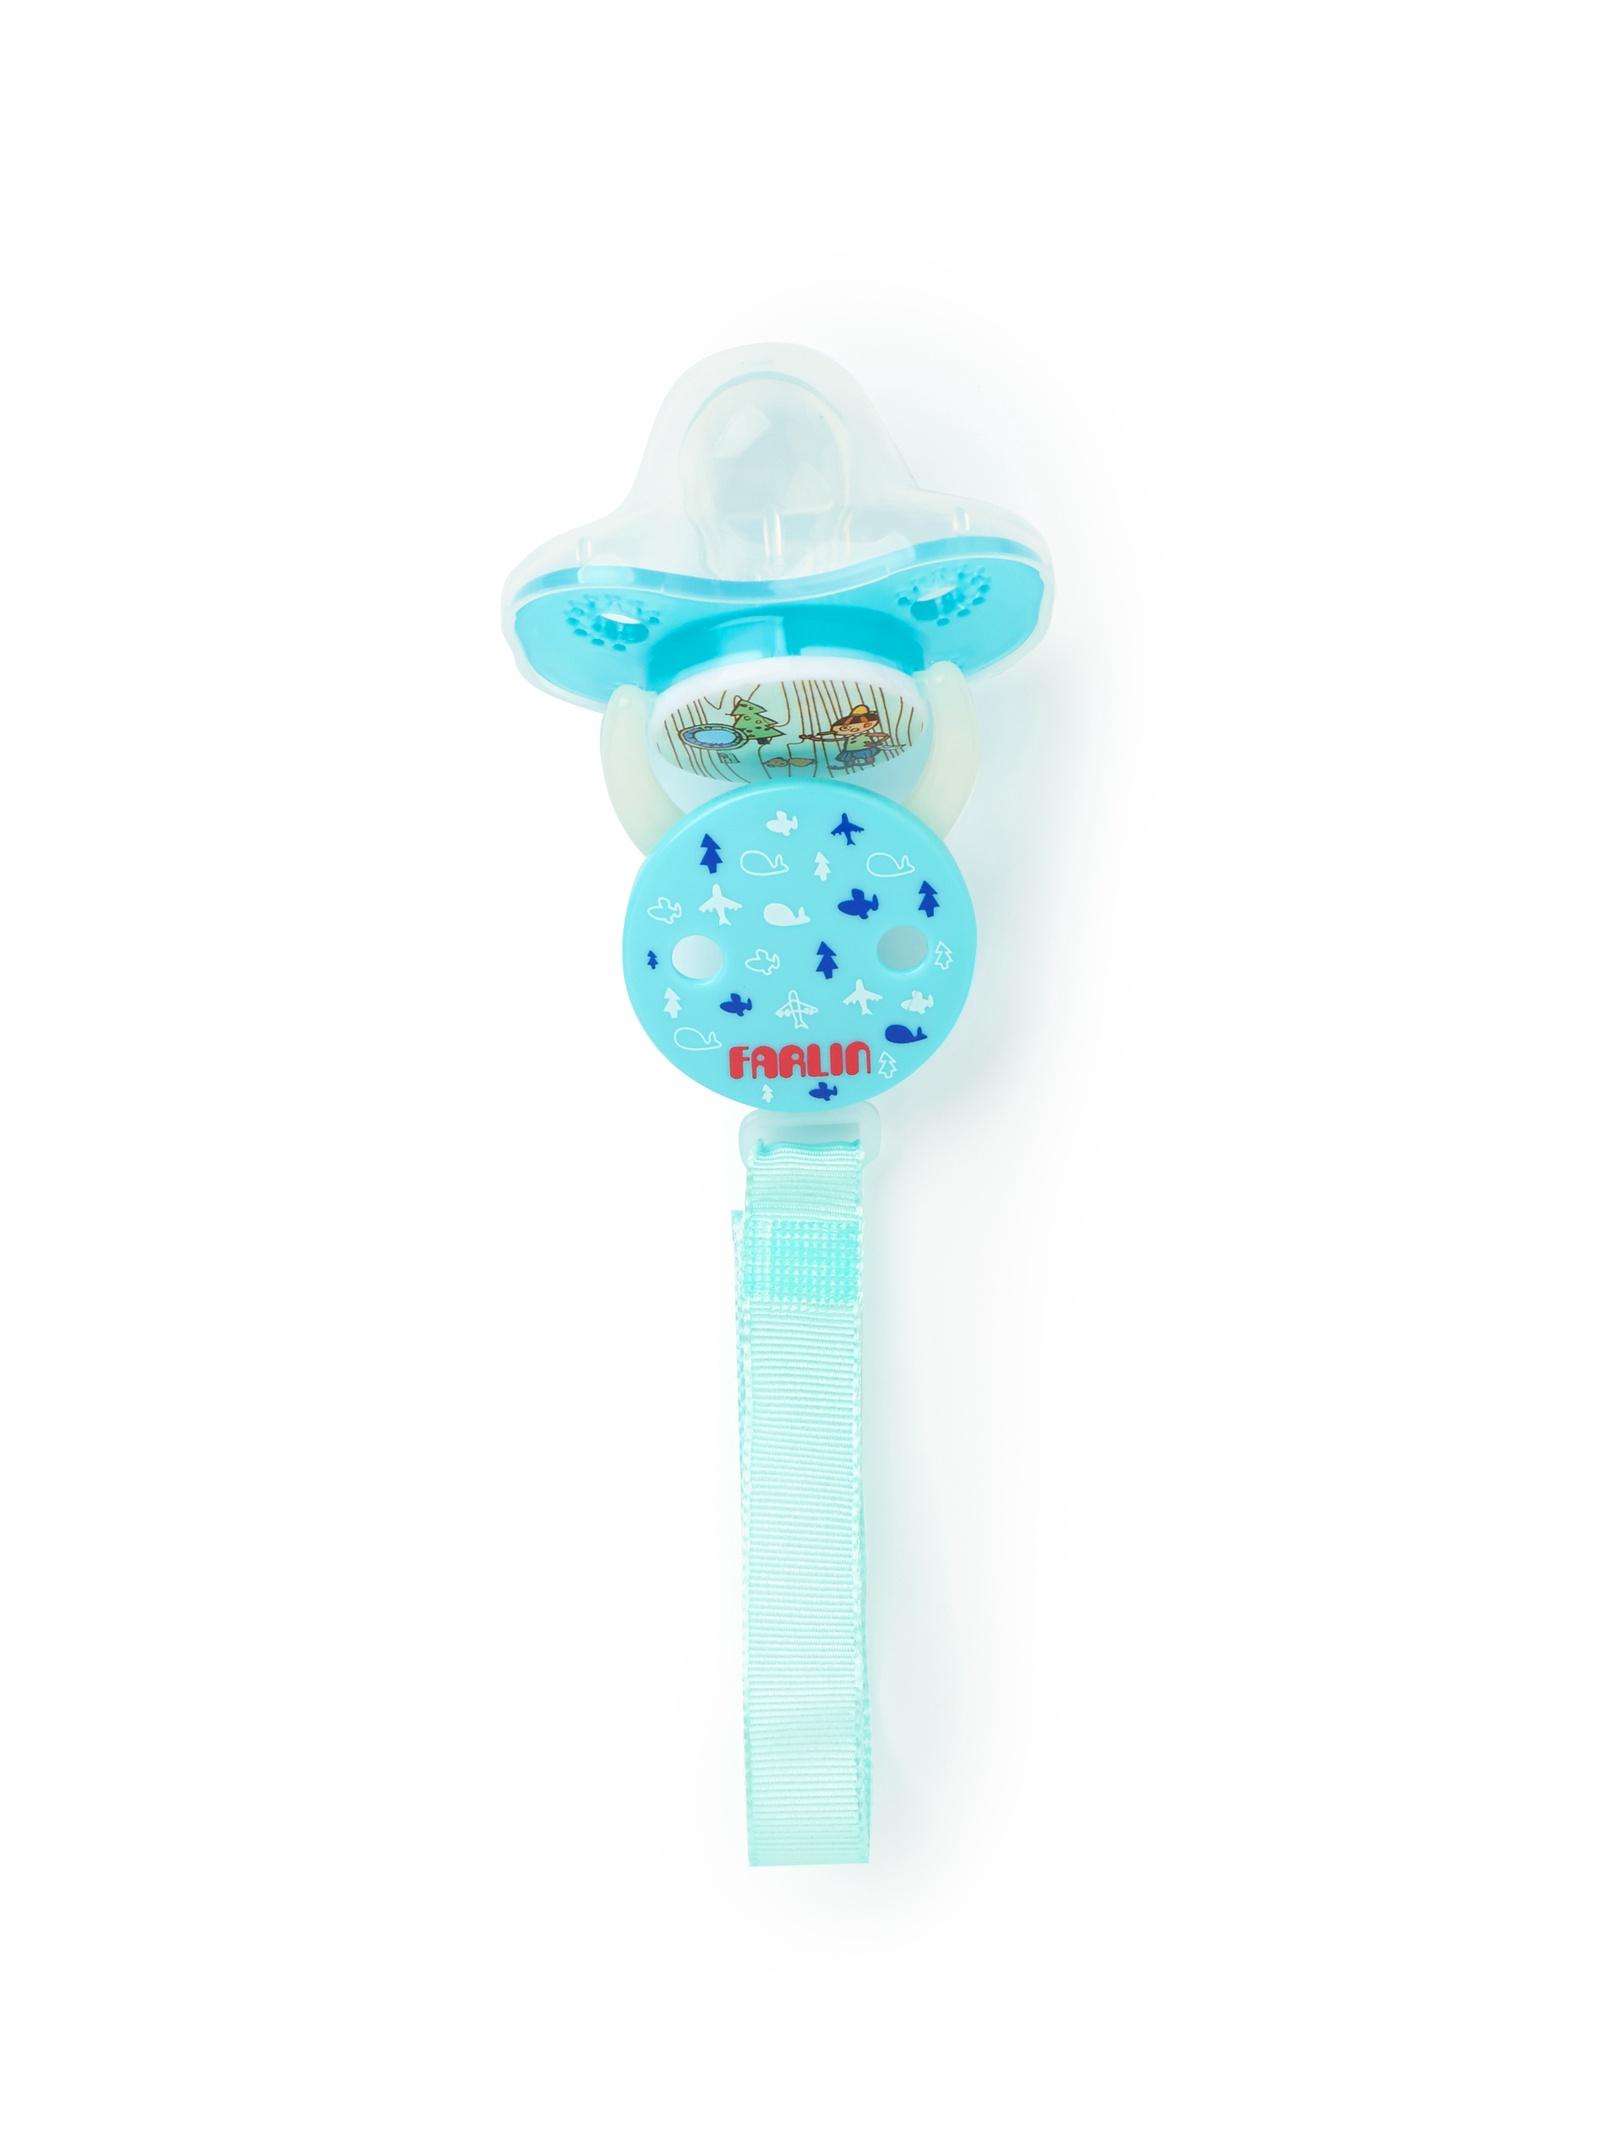 Пустышка Farlin силиконовая с копачком, цепочка +6 мес голубой пустышки farlin силиконовая 0 6 мес с колпачком и цепочка для пустышки